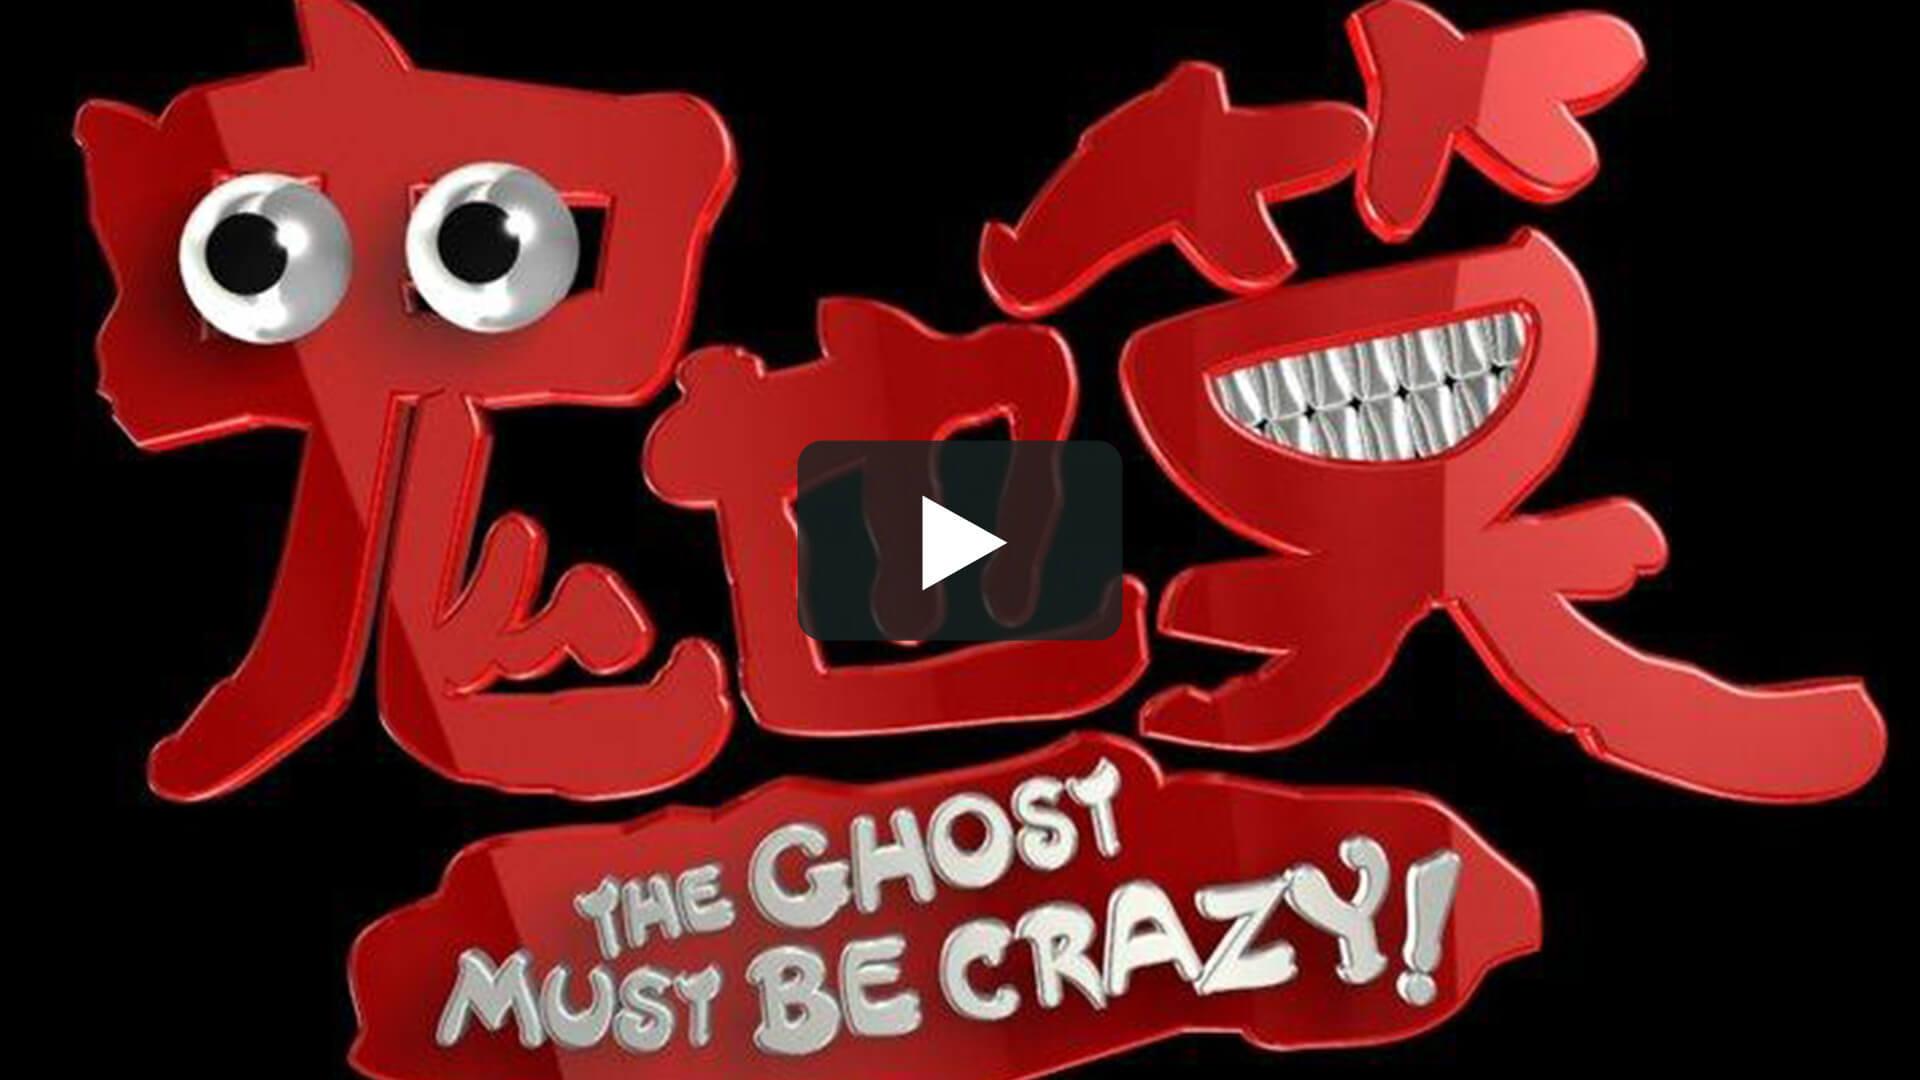 鬼也笑 - The Ghost Must Be Crazy